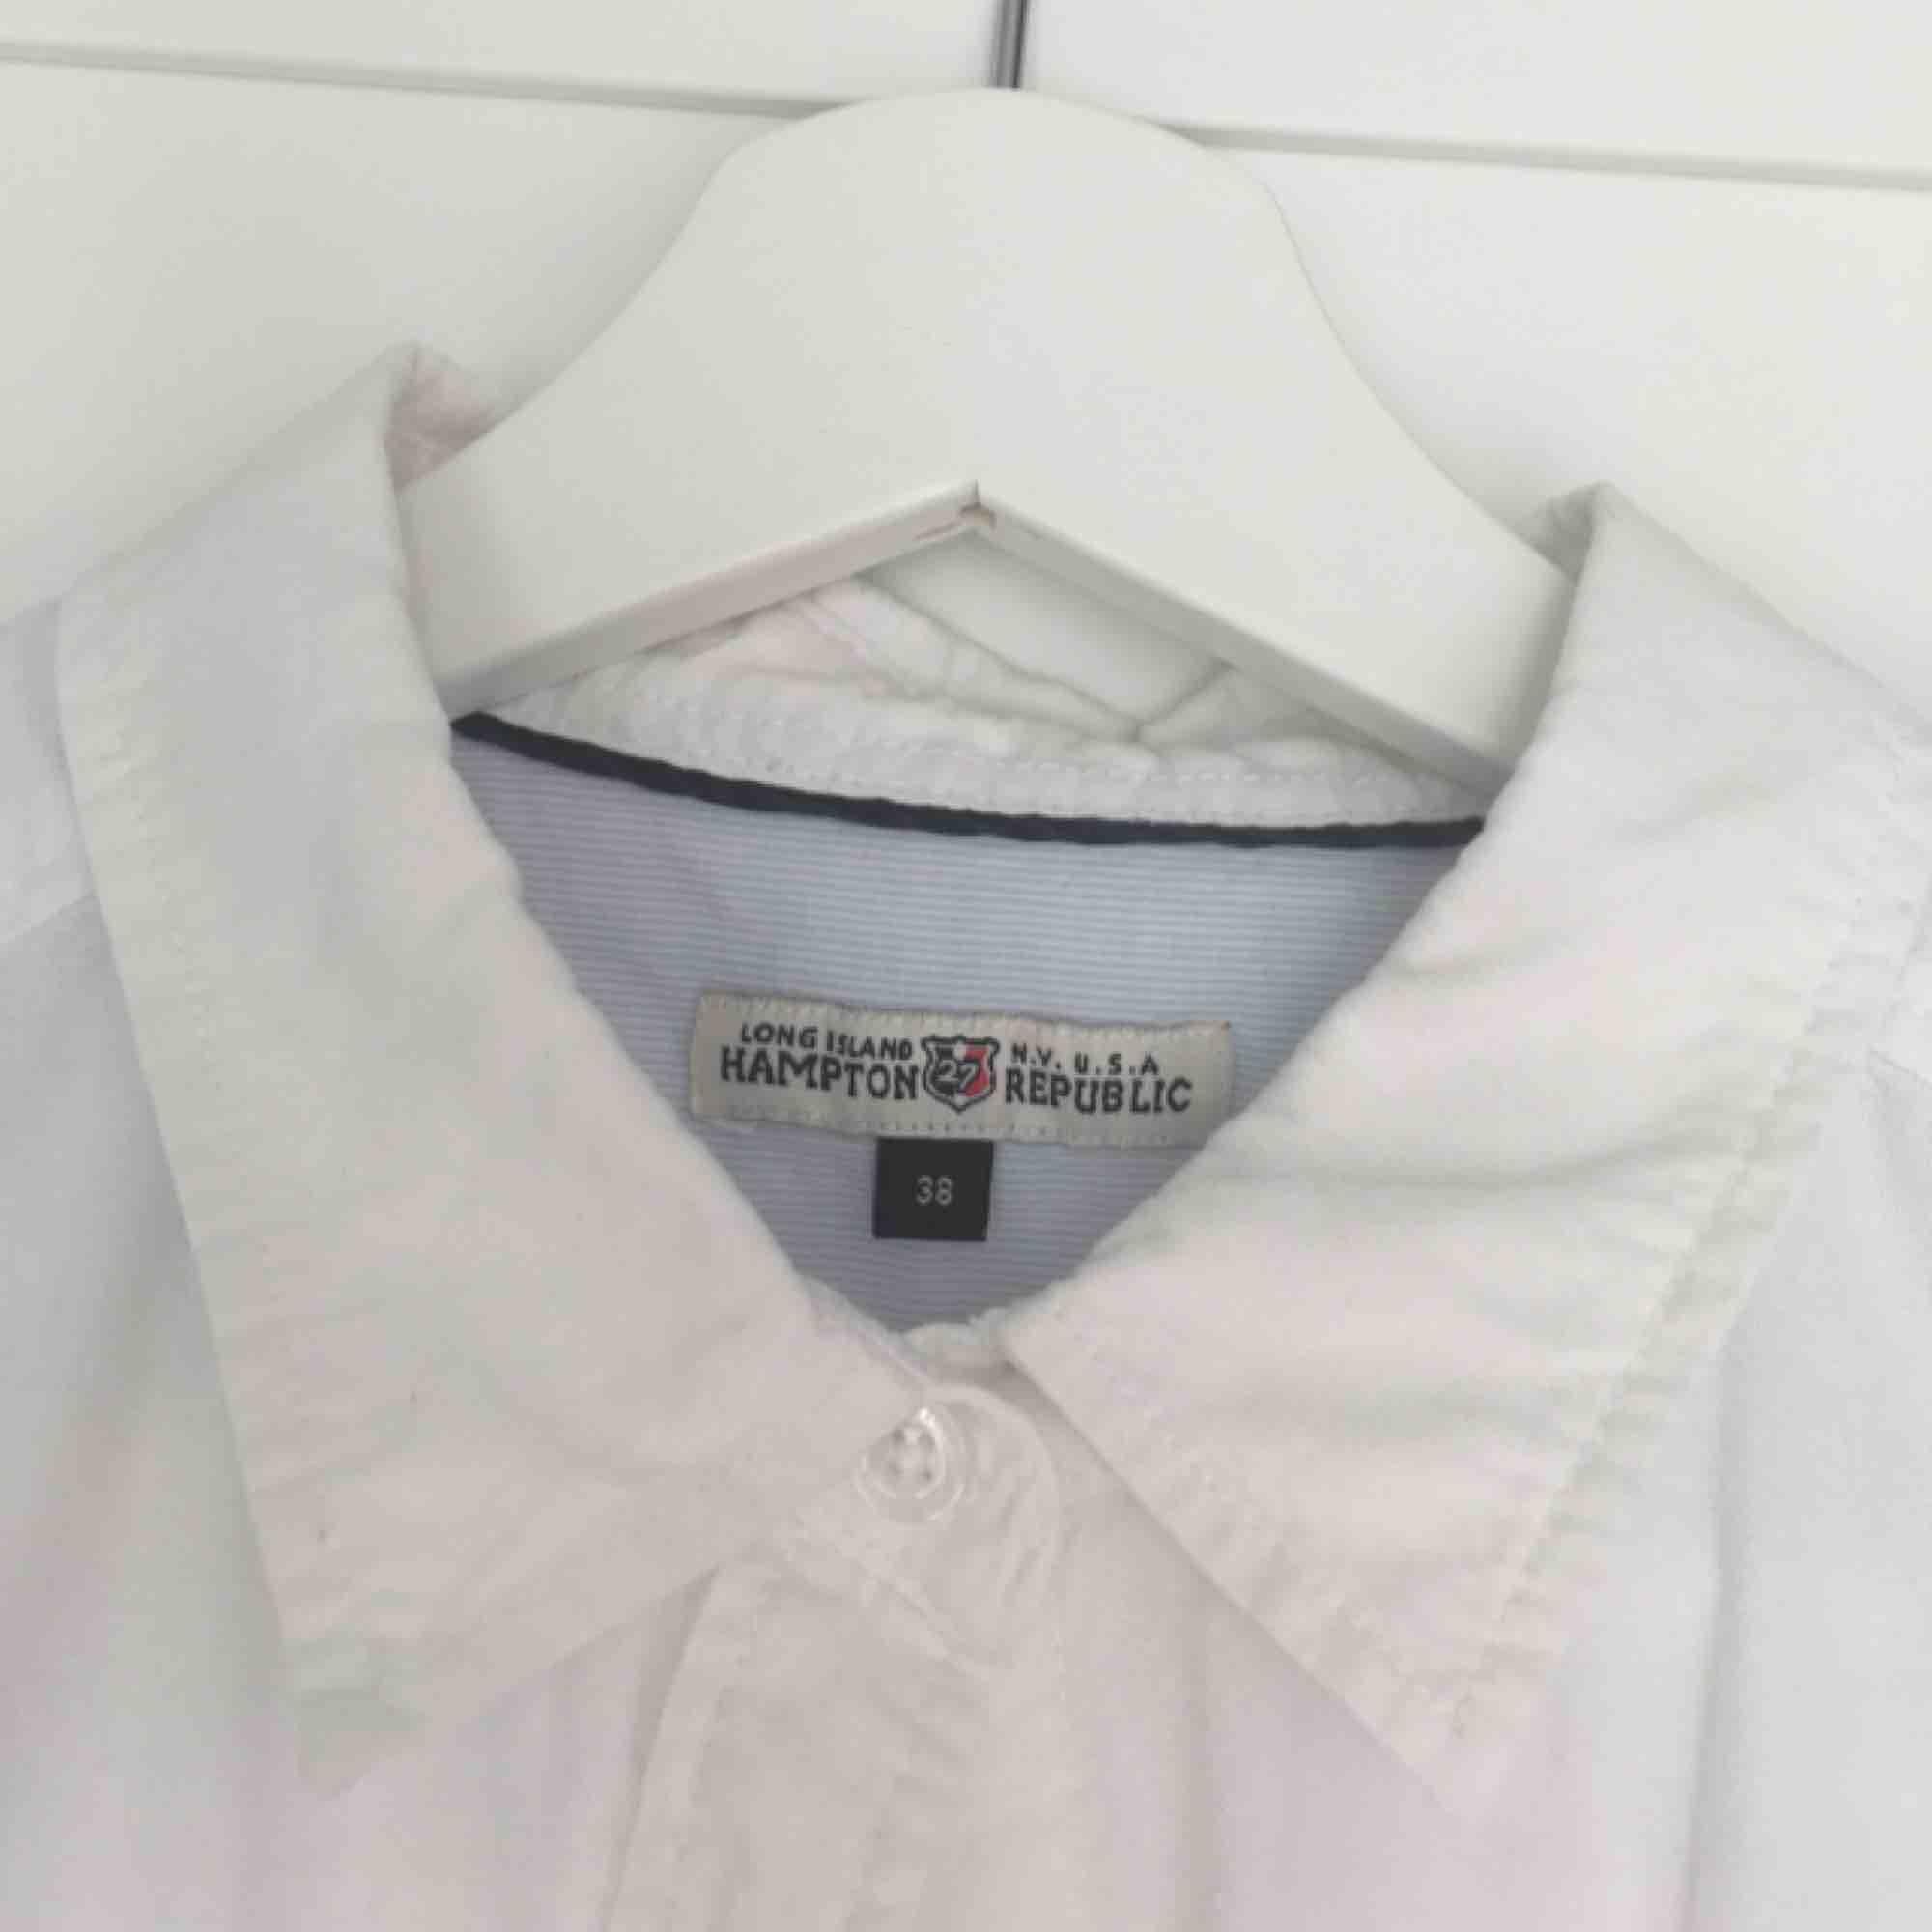 Vit långärmad skjorta från Hampton Republic by Kappahl. Sparsamt använd. Hämtas i Malmö alternativt betalar köparen för frakten.. Skjortor.